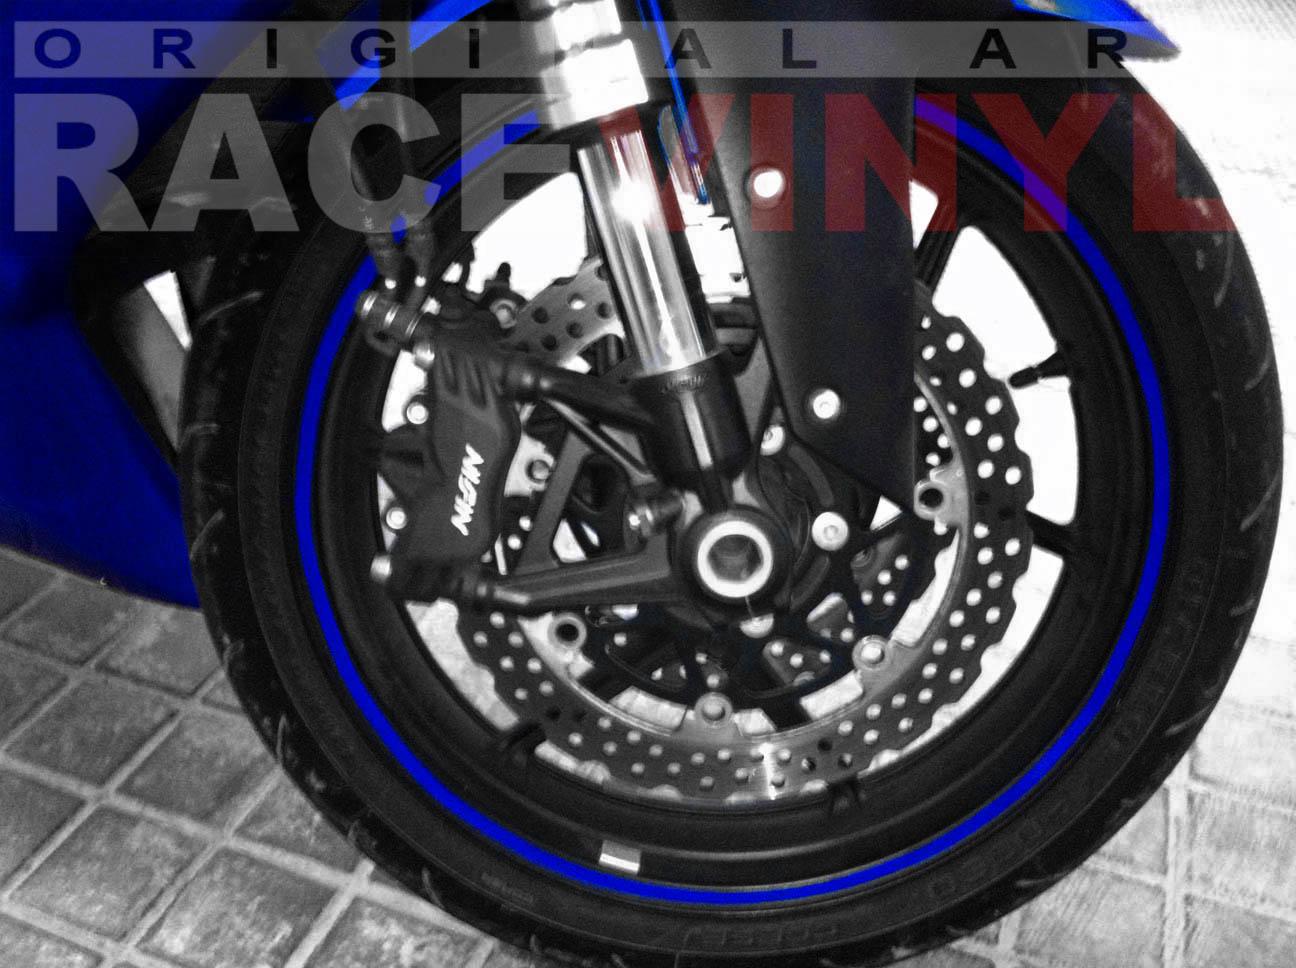 Kawasaki ZX6R Adhesivos Racevinyl Genericos en Azul Reflectante